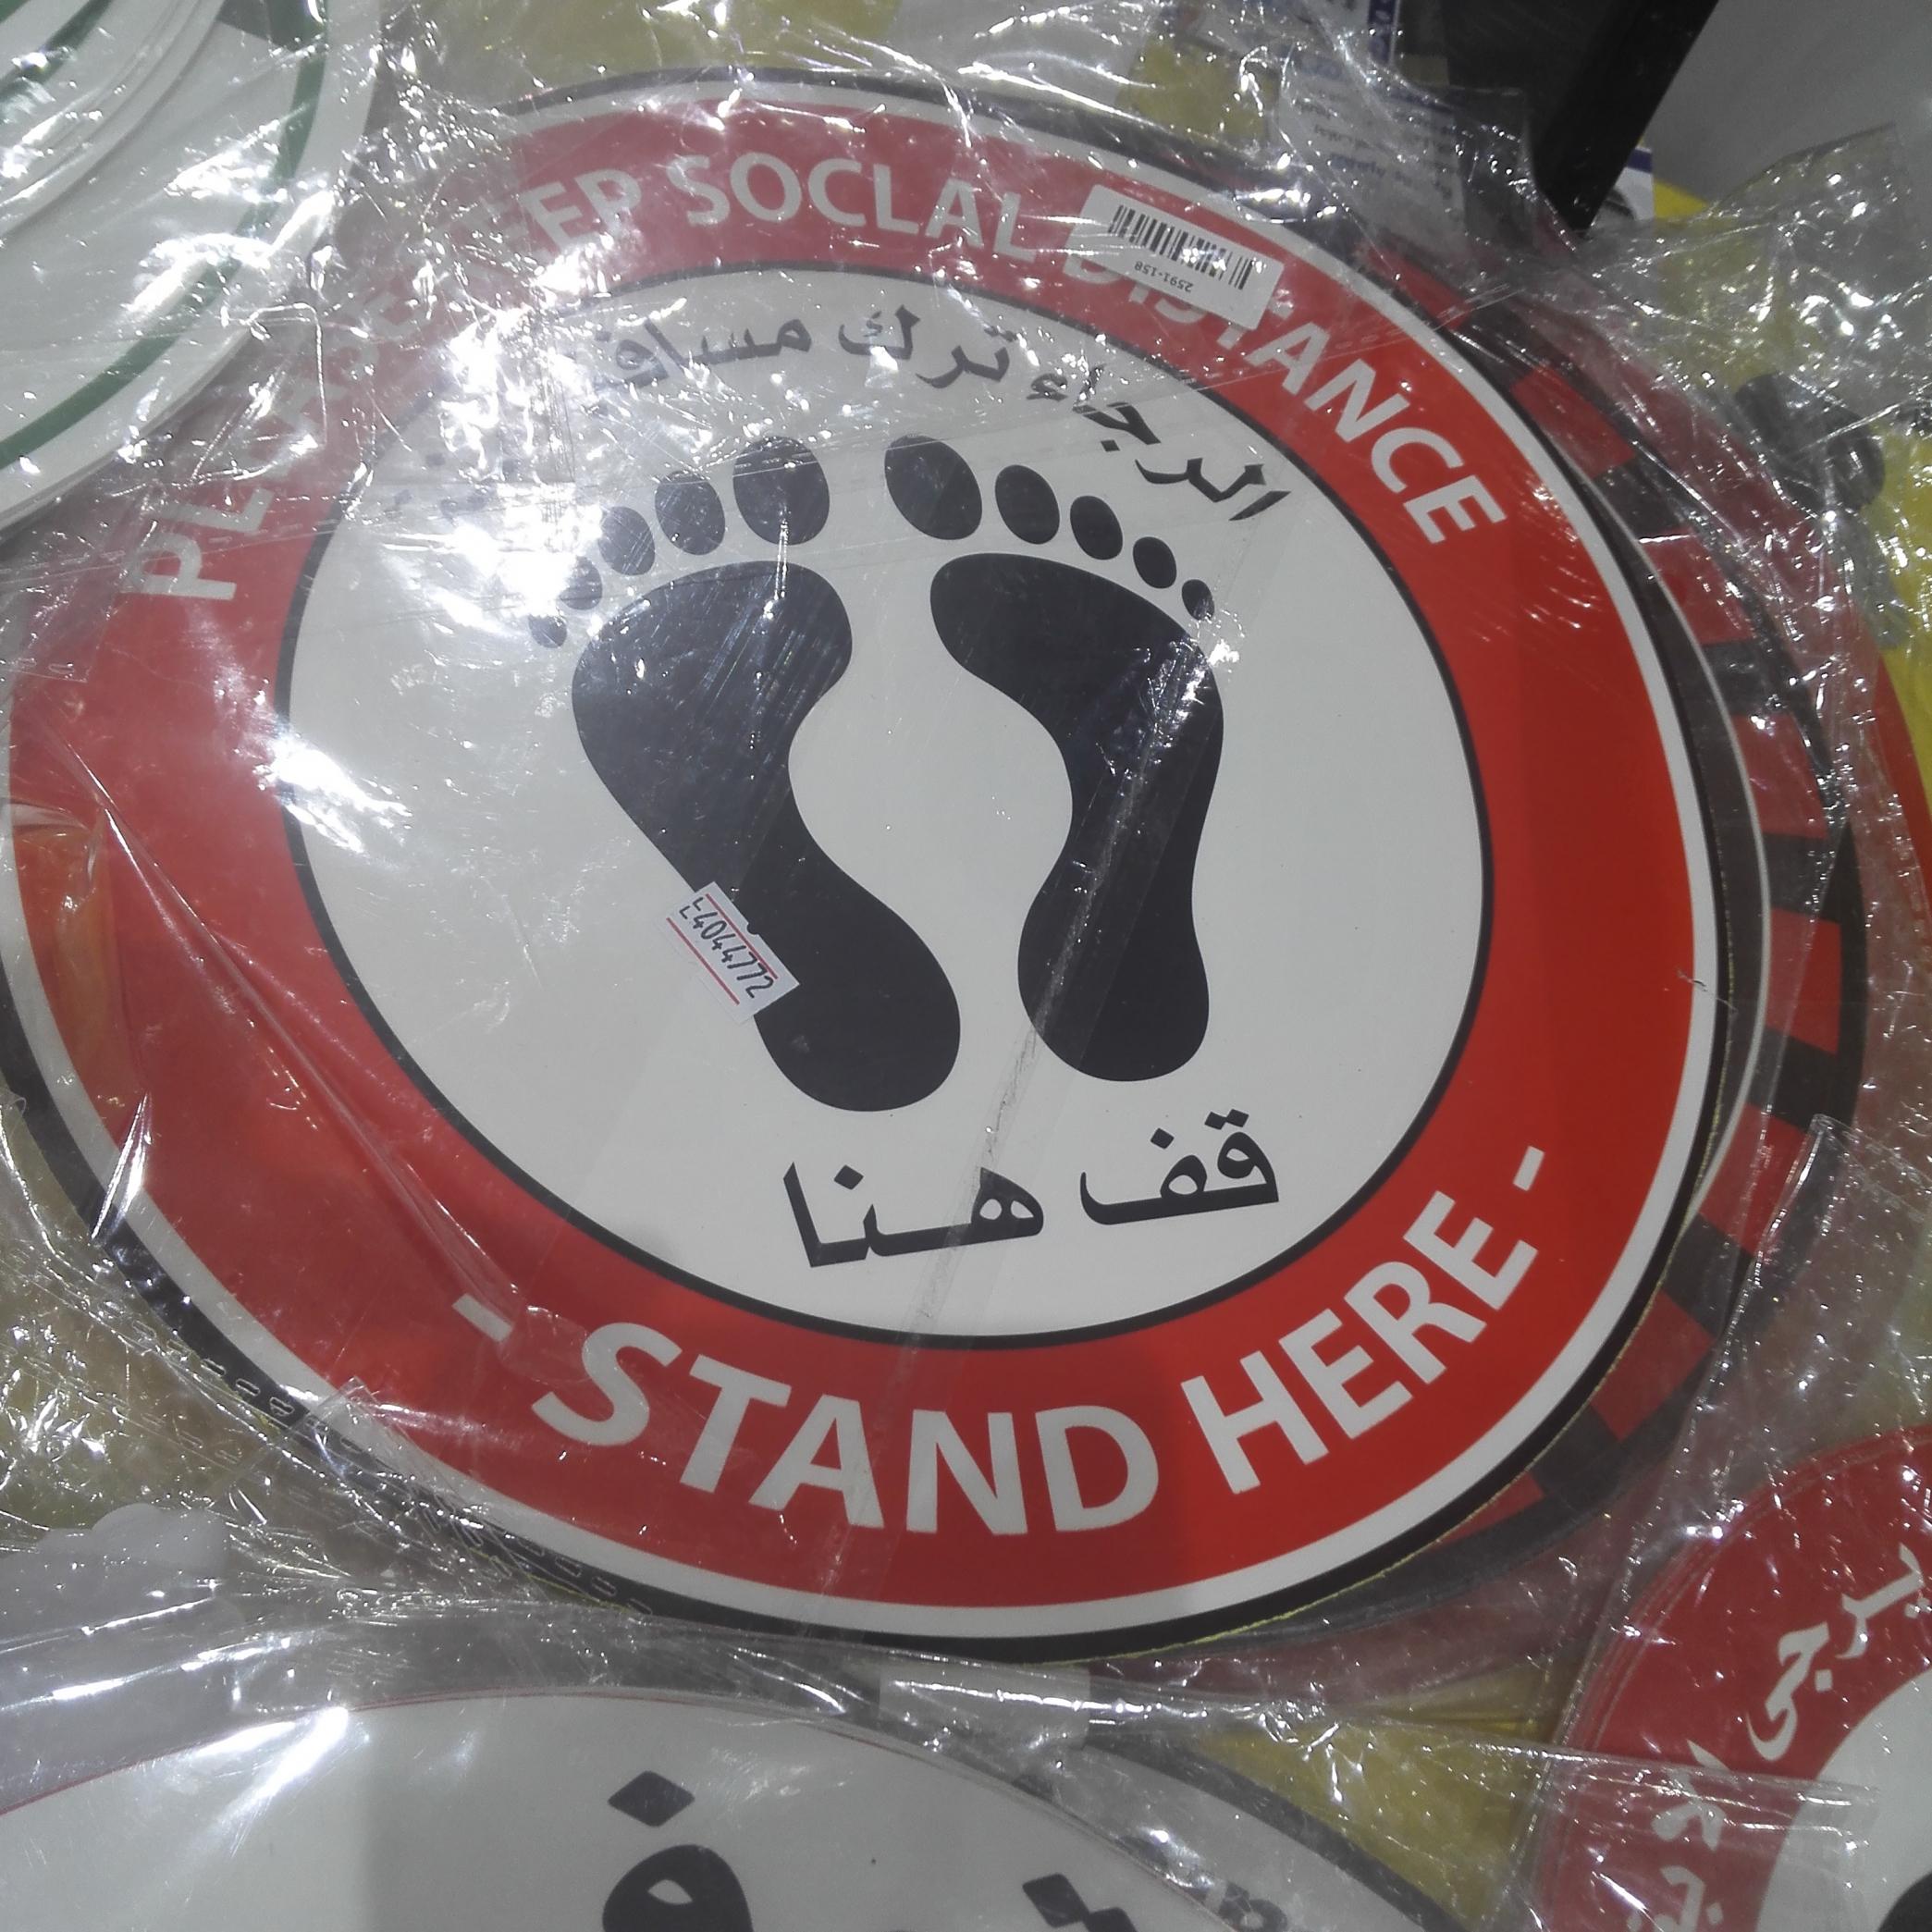 حركة بيع وشراء نشطة في مكتبات جازان - المواطن